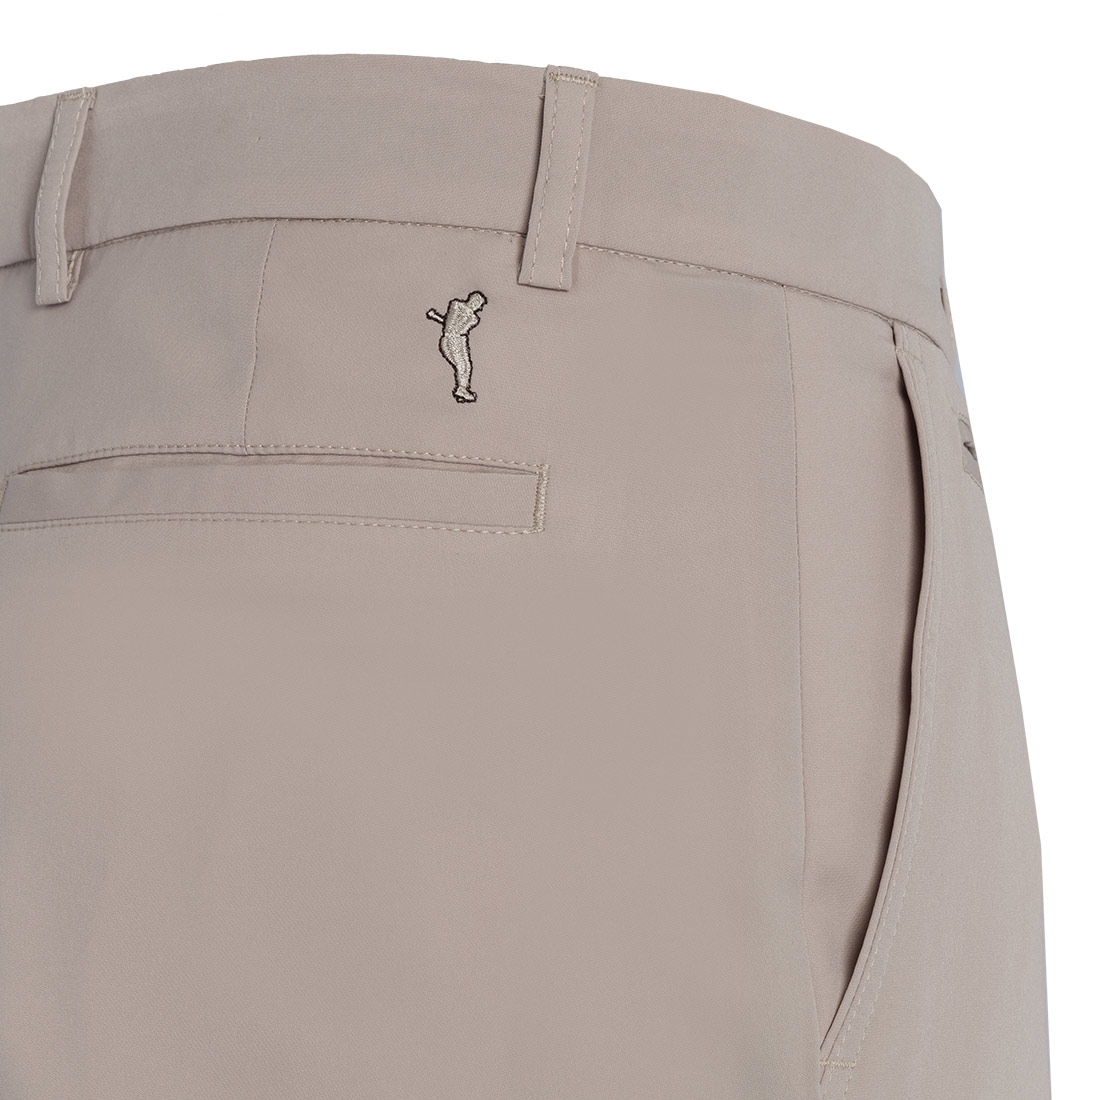 Herren Golfhose mit leichtem Stretchanteil